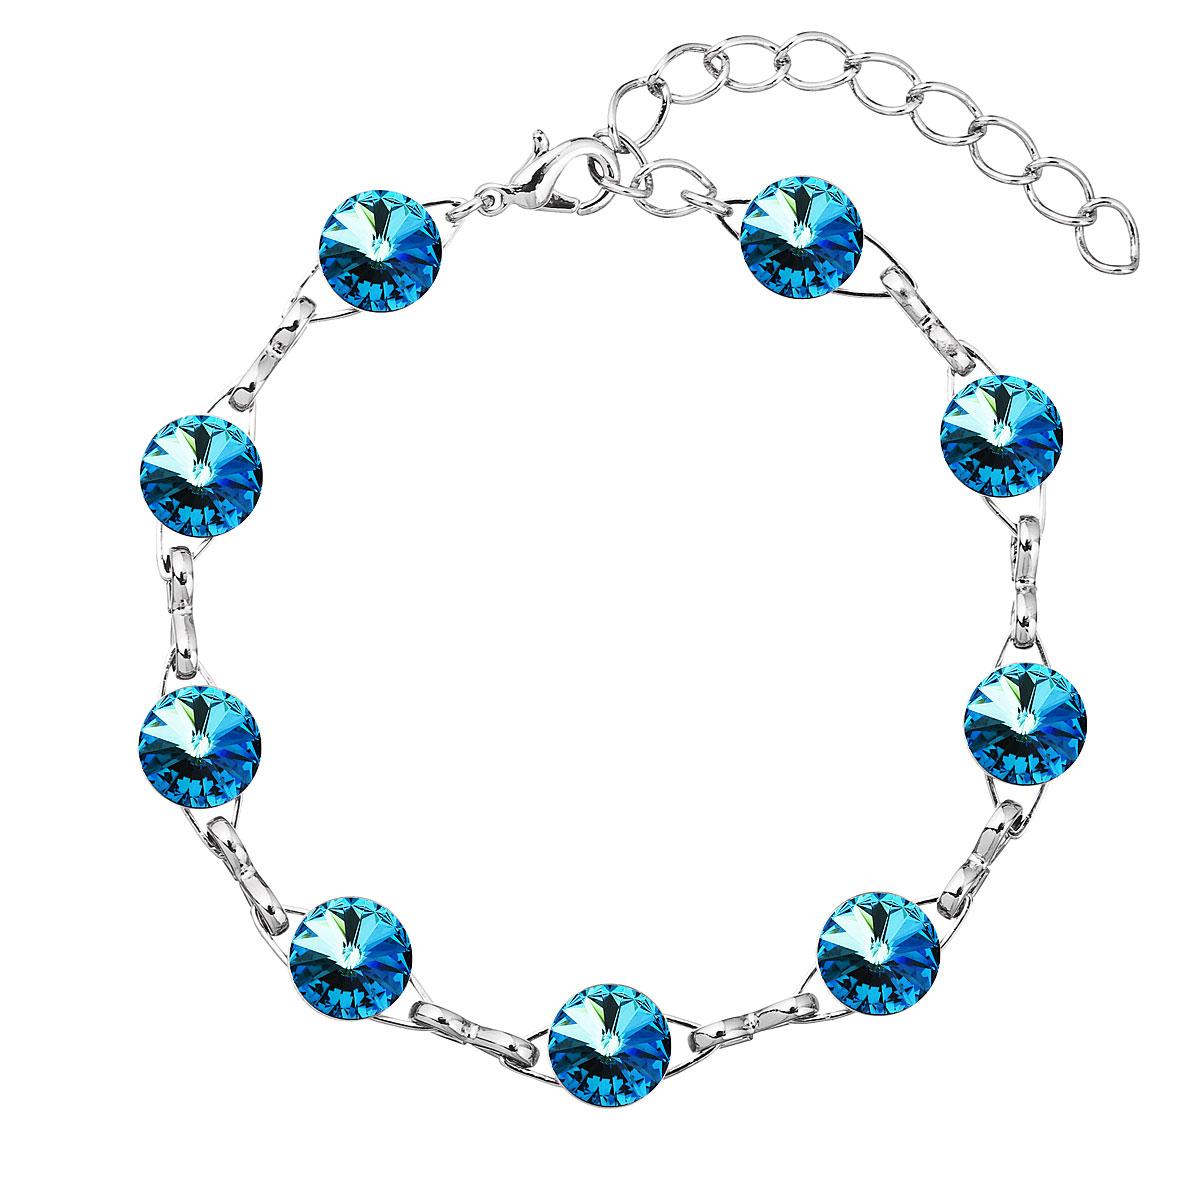 Náramek bižuterie se Swarovski krystaly modrý 53001.5